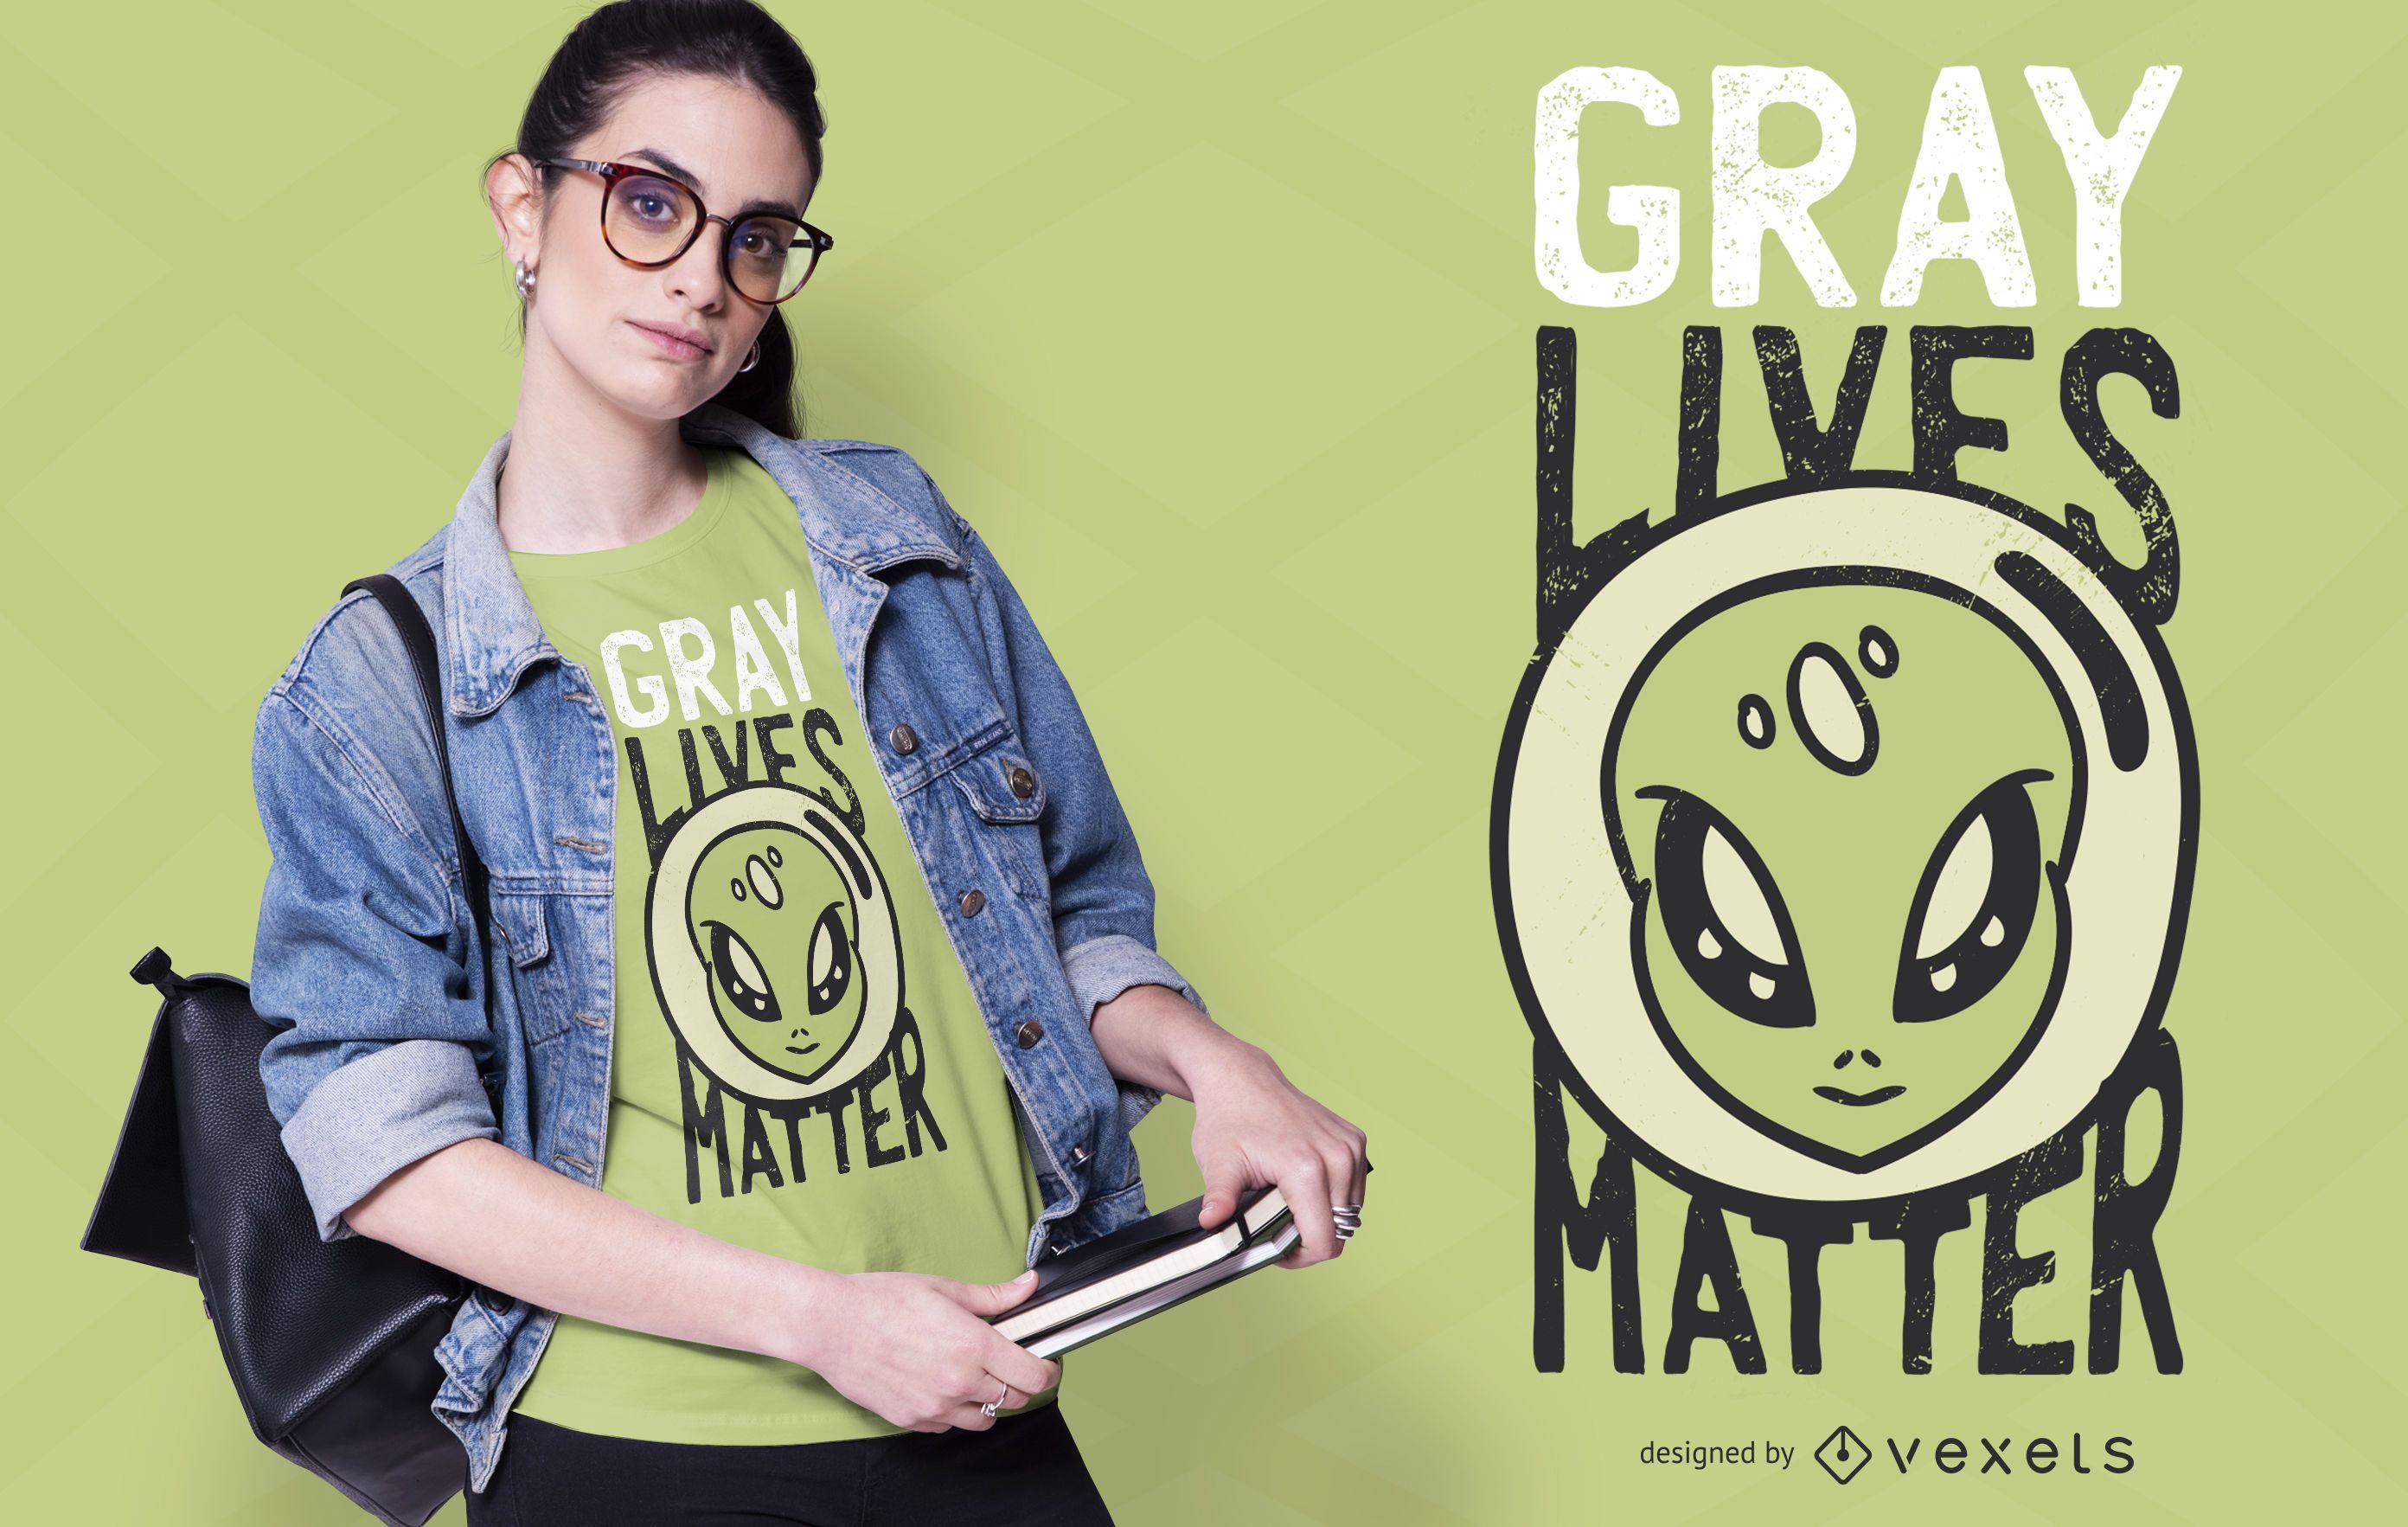 Gray lives matter t-shirt design